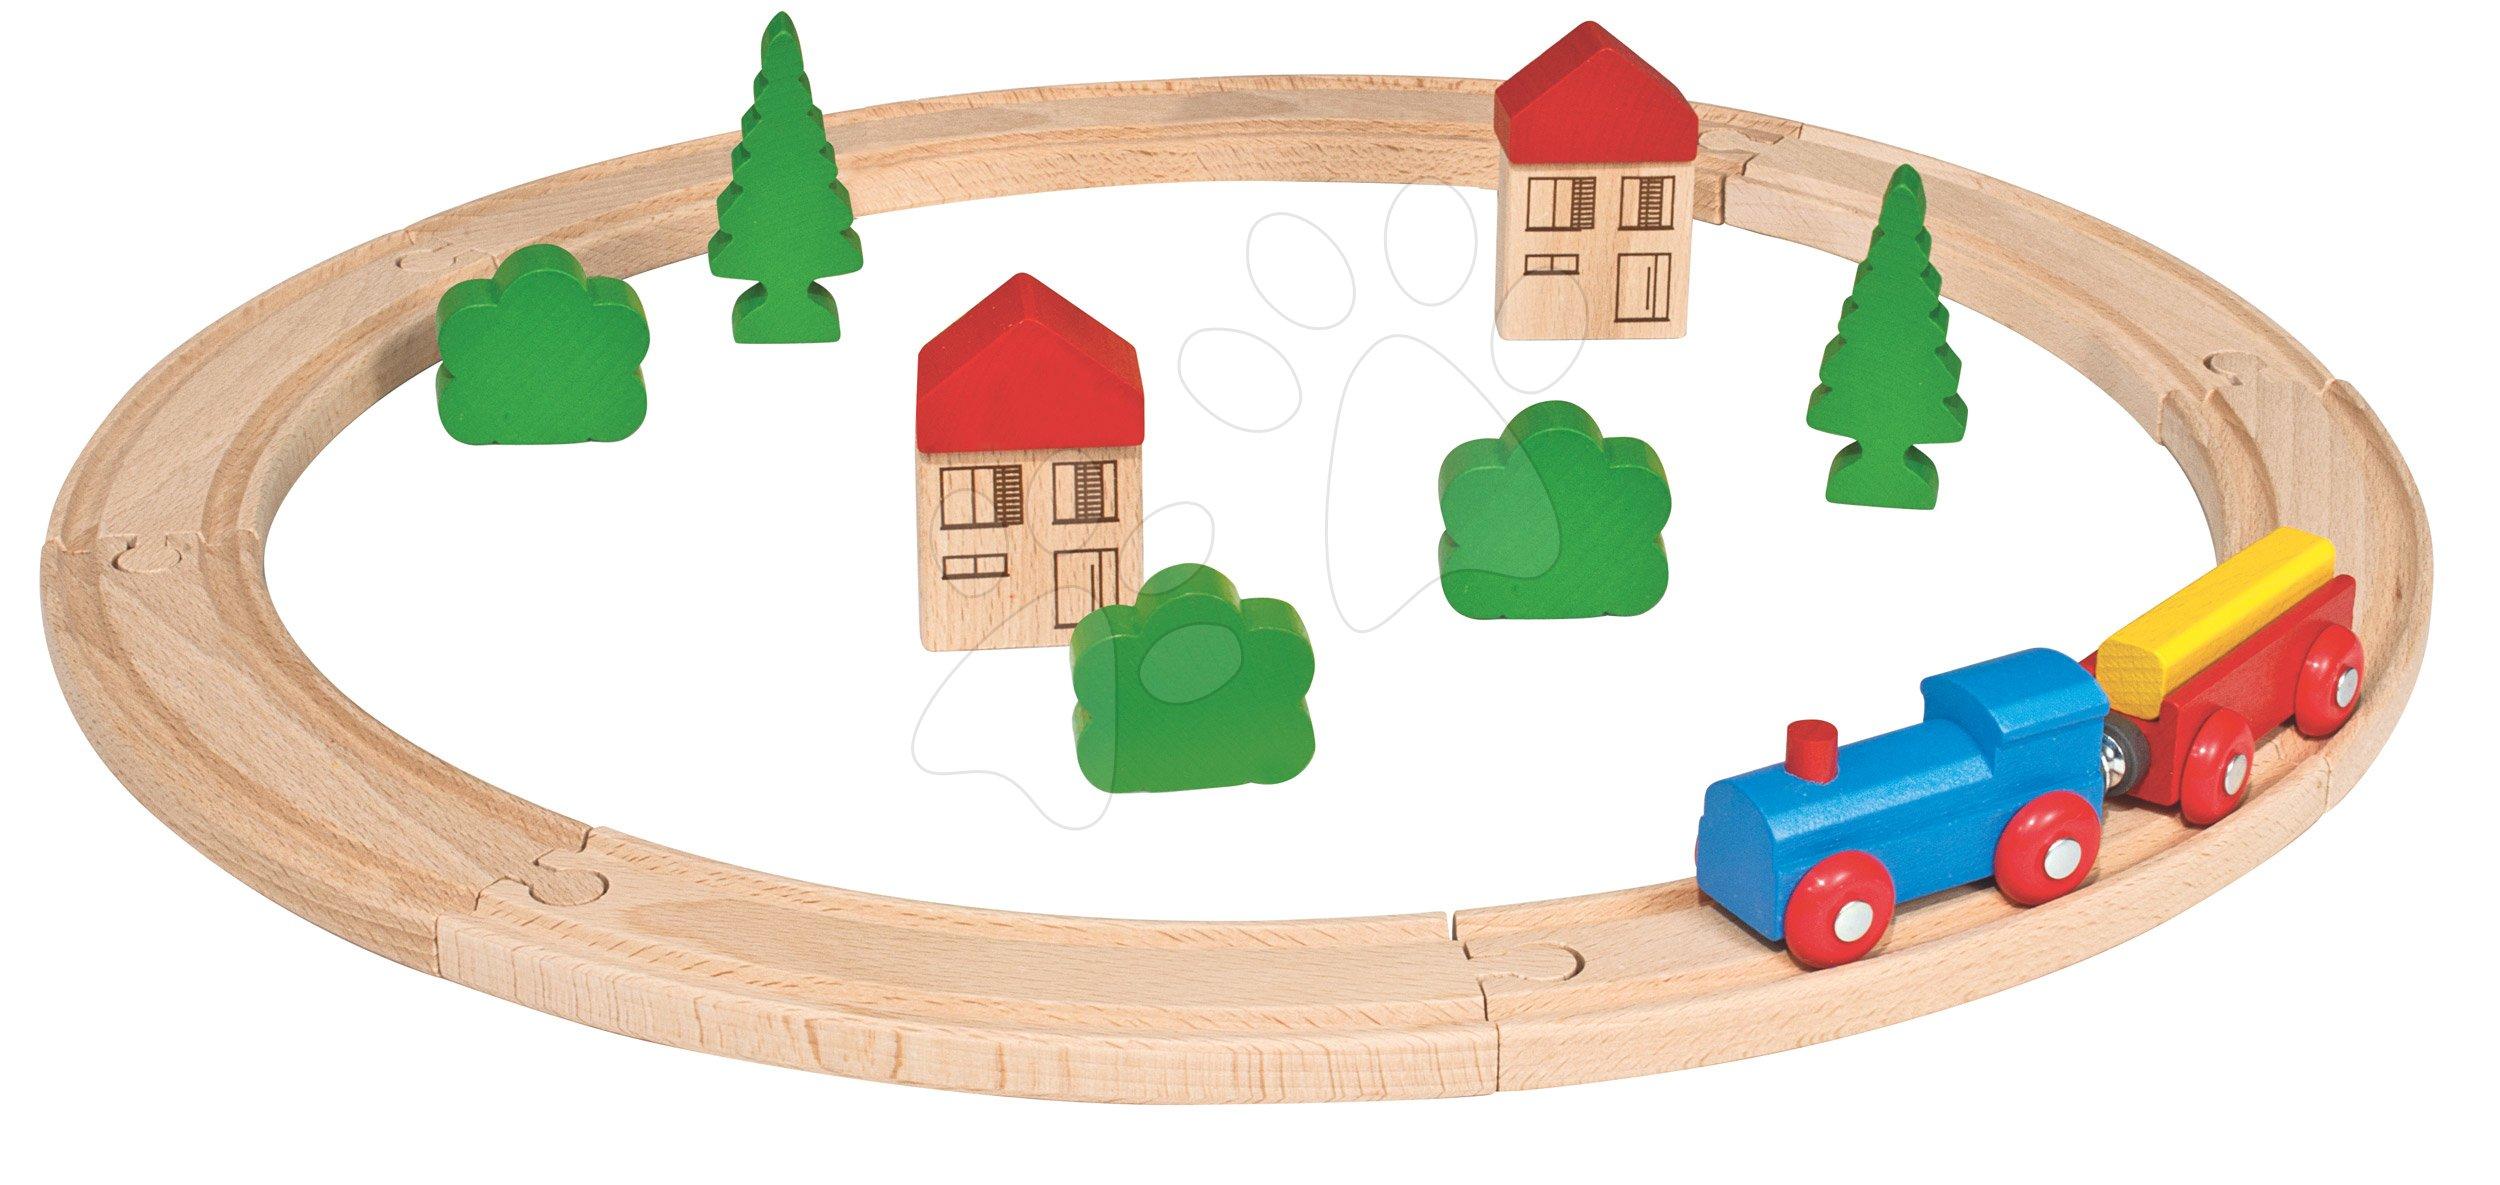 Drevená vláčikodráha Wooden Toy Eichhorn s doplnkami domčeky a stromy 20 dielov